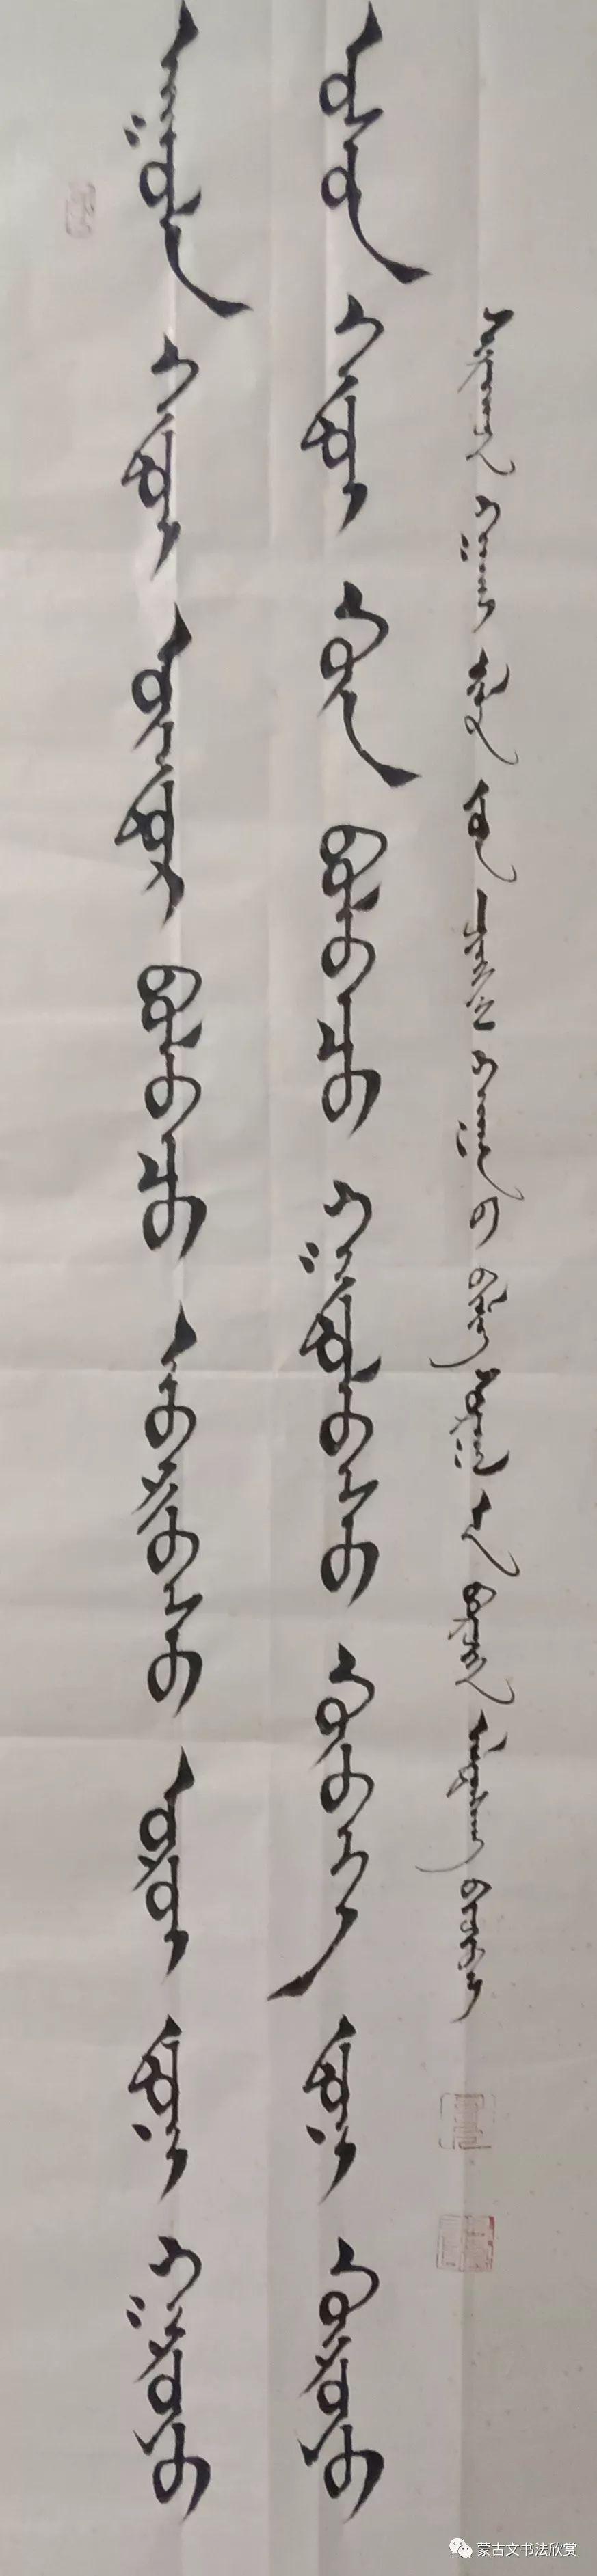 蒙古文书法欣赏——阿拉坦仓 第9张